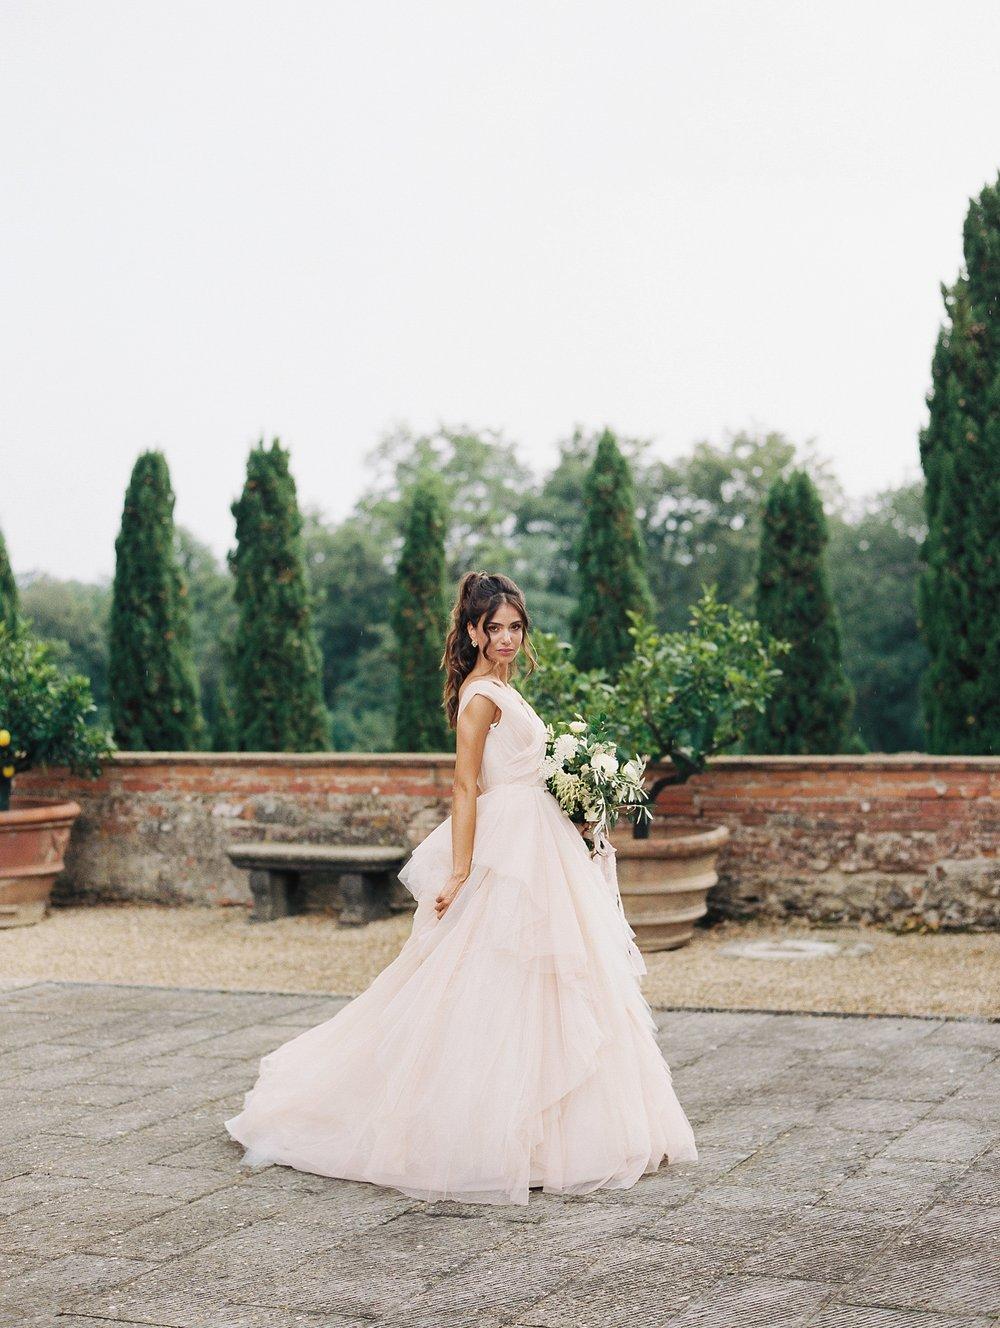 Il Borro Tuscany Italy Wedding Photographer_0785.jpg